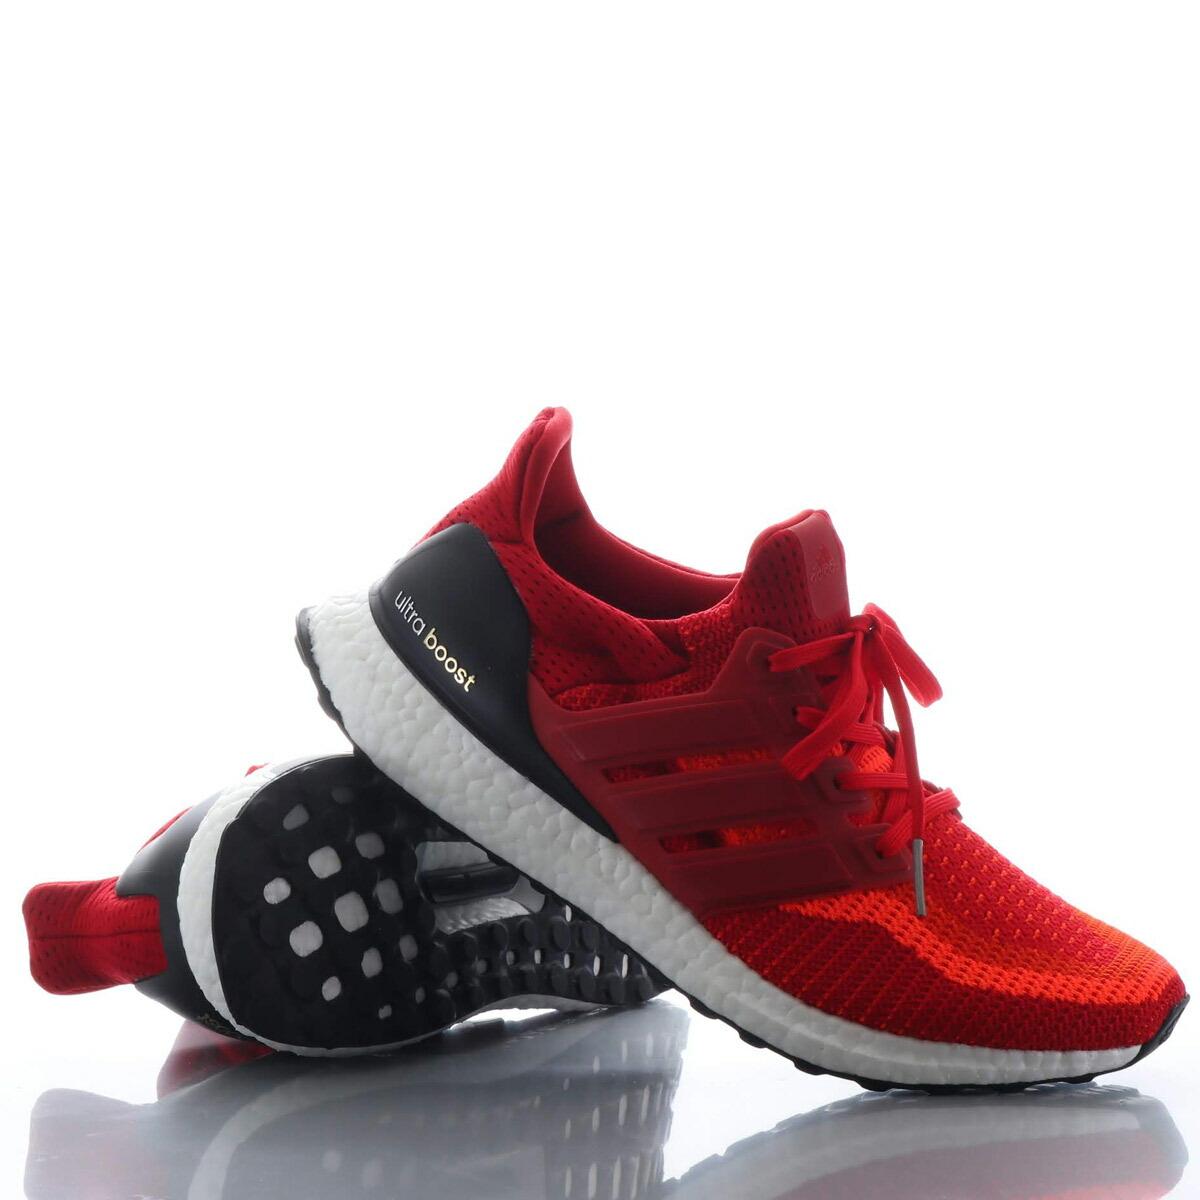 adidas ultraboost アディダス エアハラチ ウルトラブースト solar